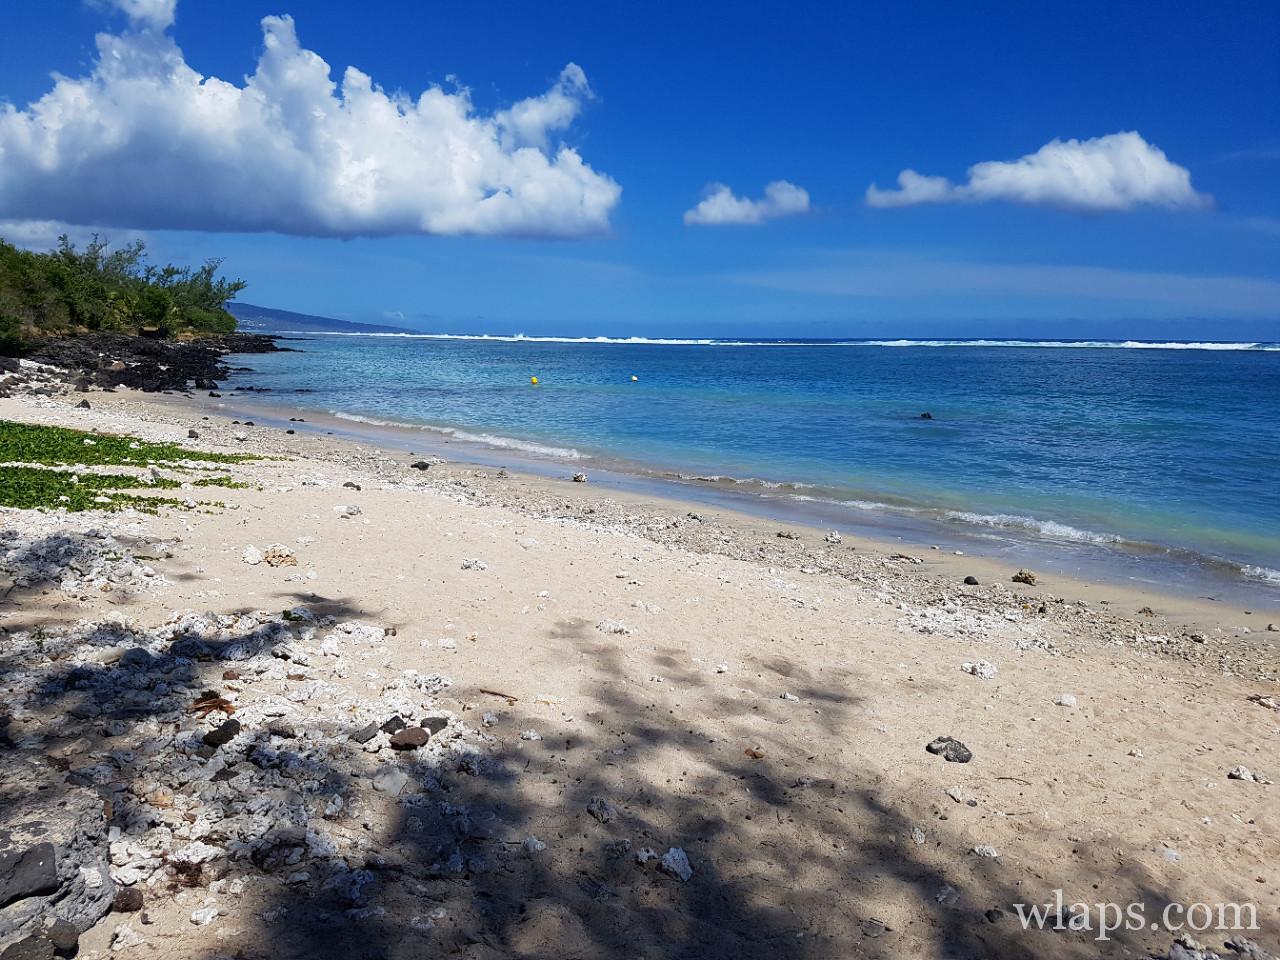 Plage de Trou d'Eau à l'ile de La Réunion